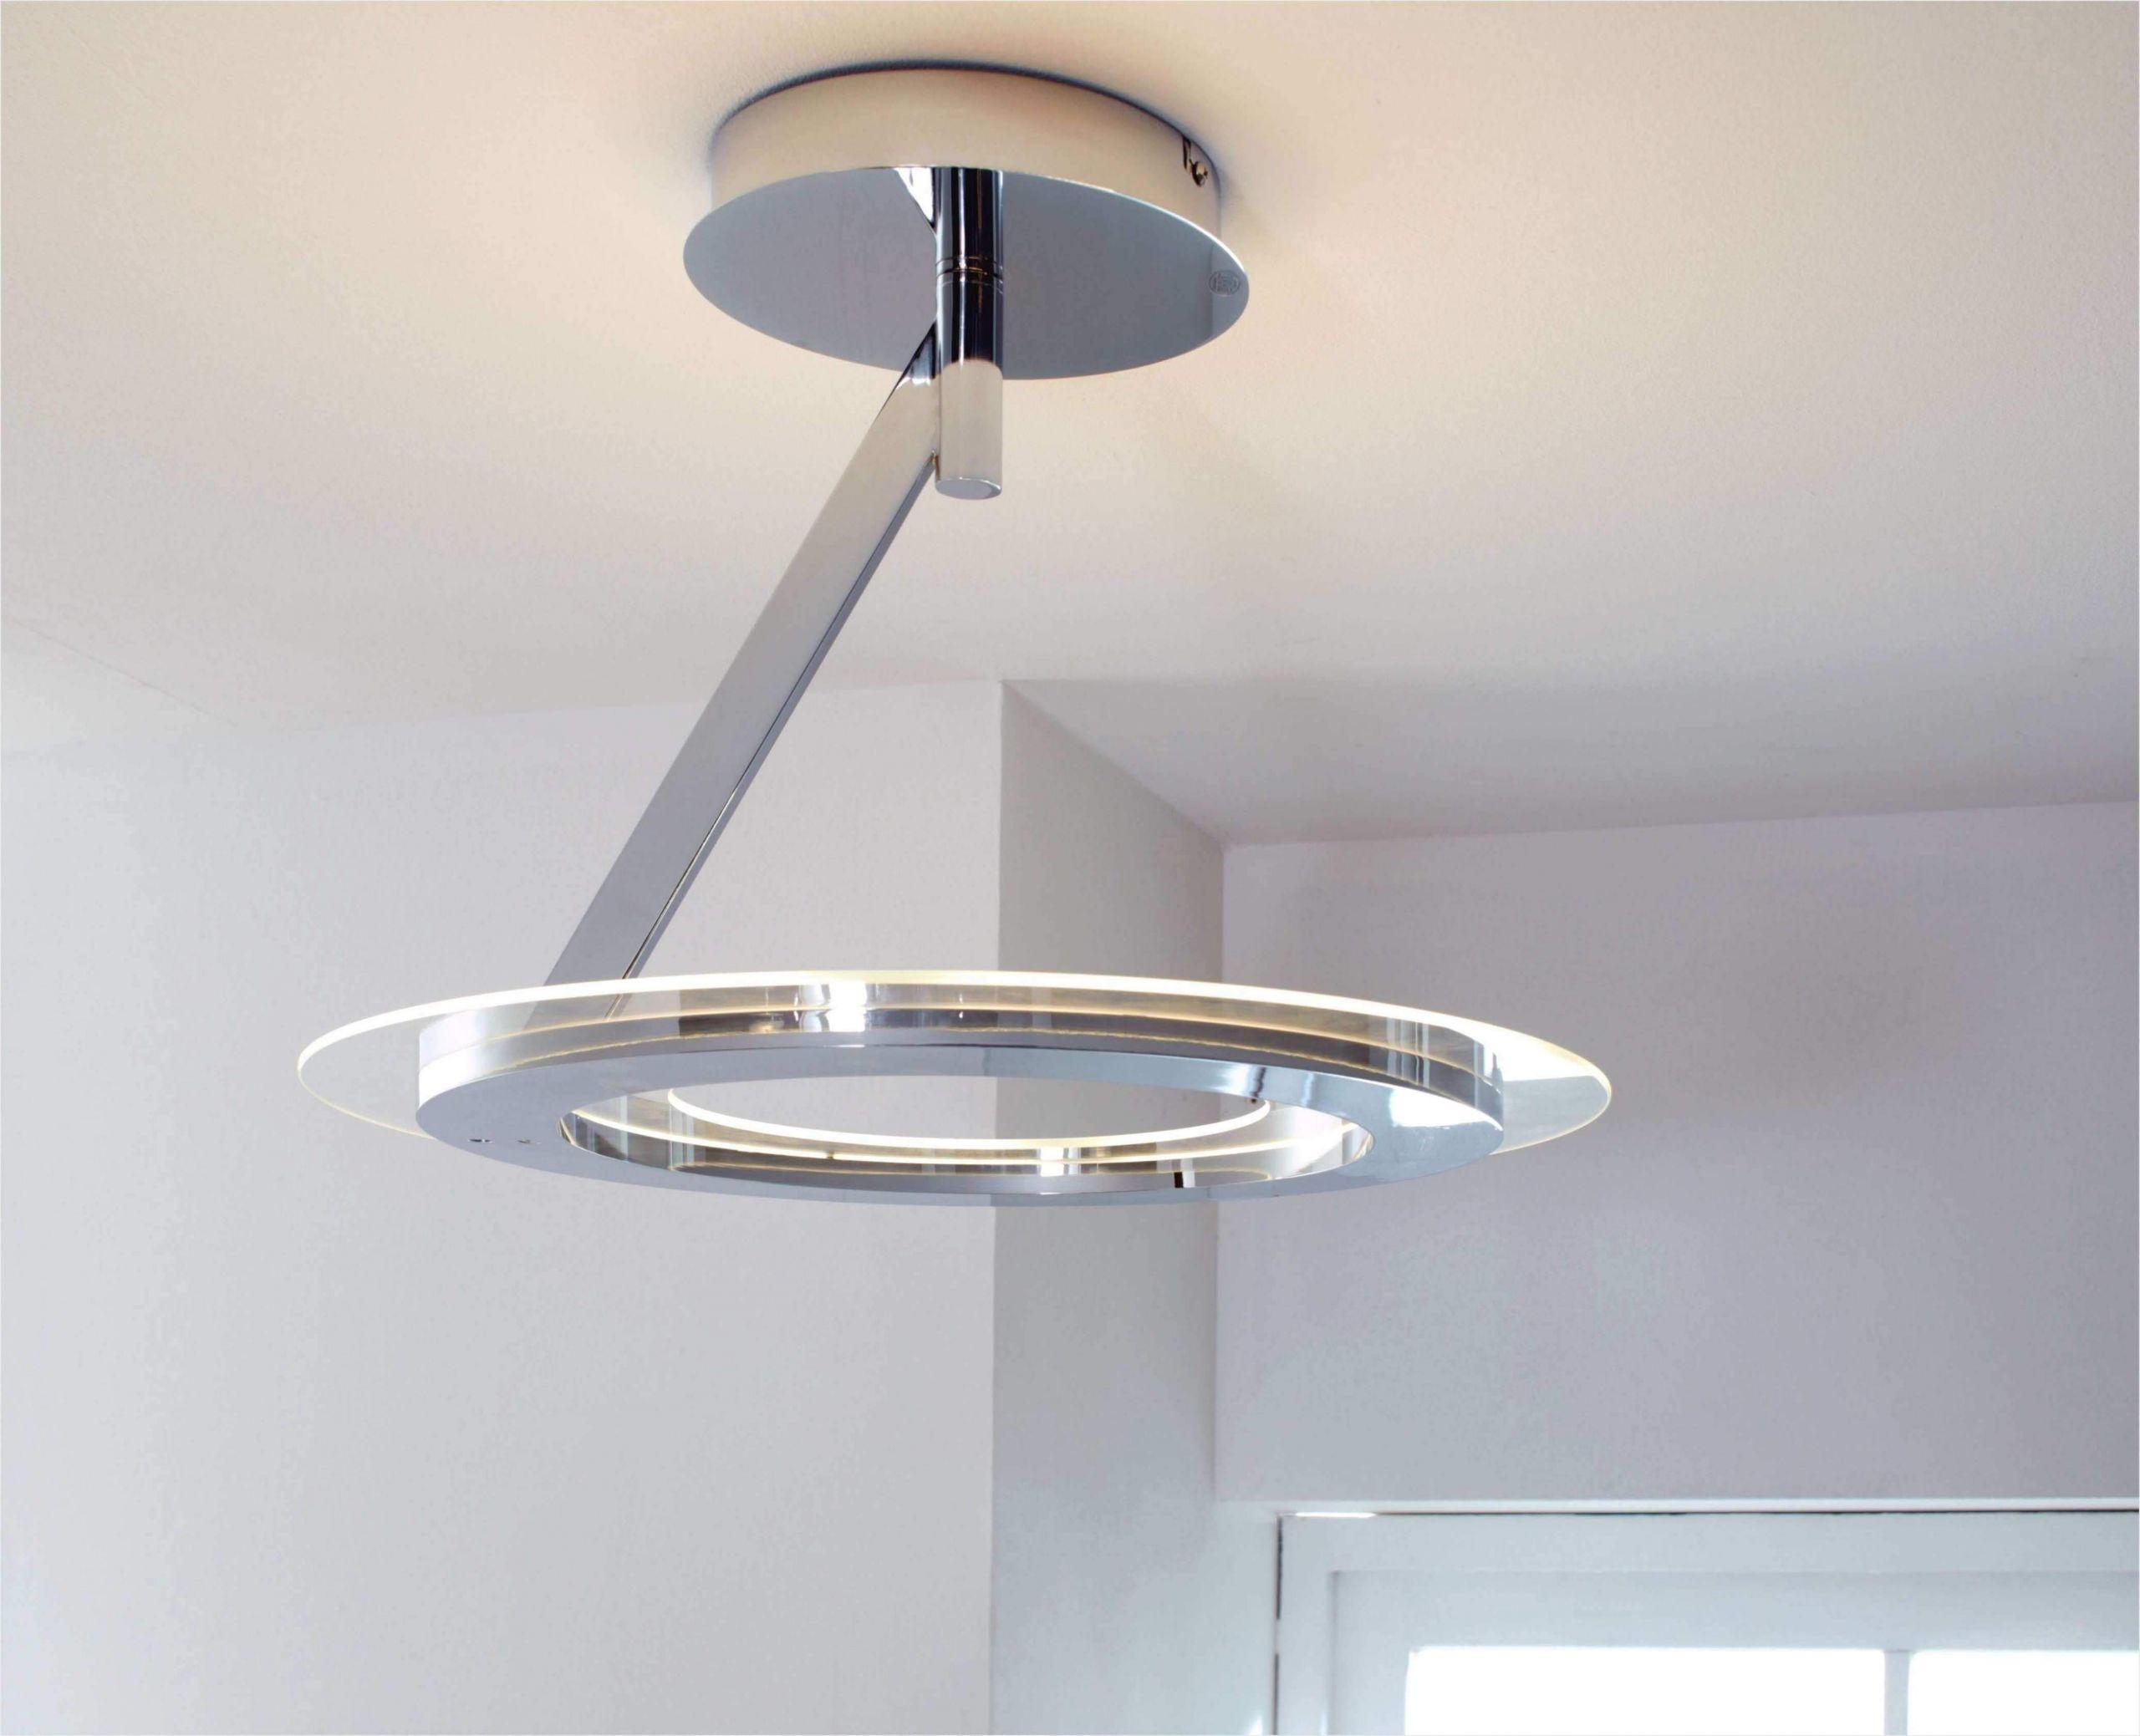 Full Size of Deckenlampe Bad Schlafzimmer Küche Deckenlampen Für Wohnzimmer Esstisch Küchen Regal Modern Wohnzimmer Küchen Deckenlampe